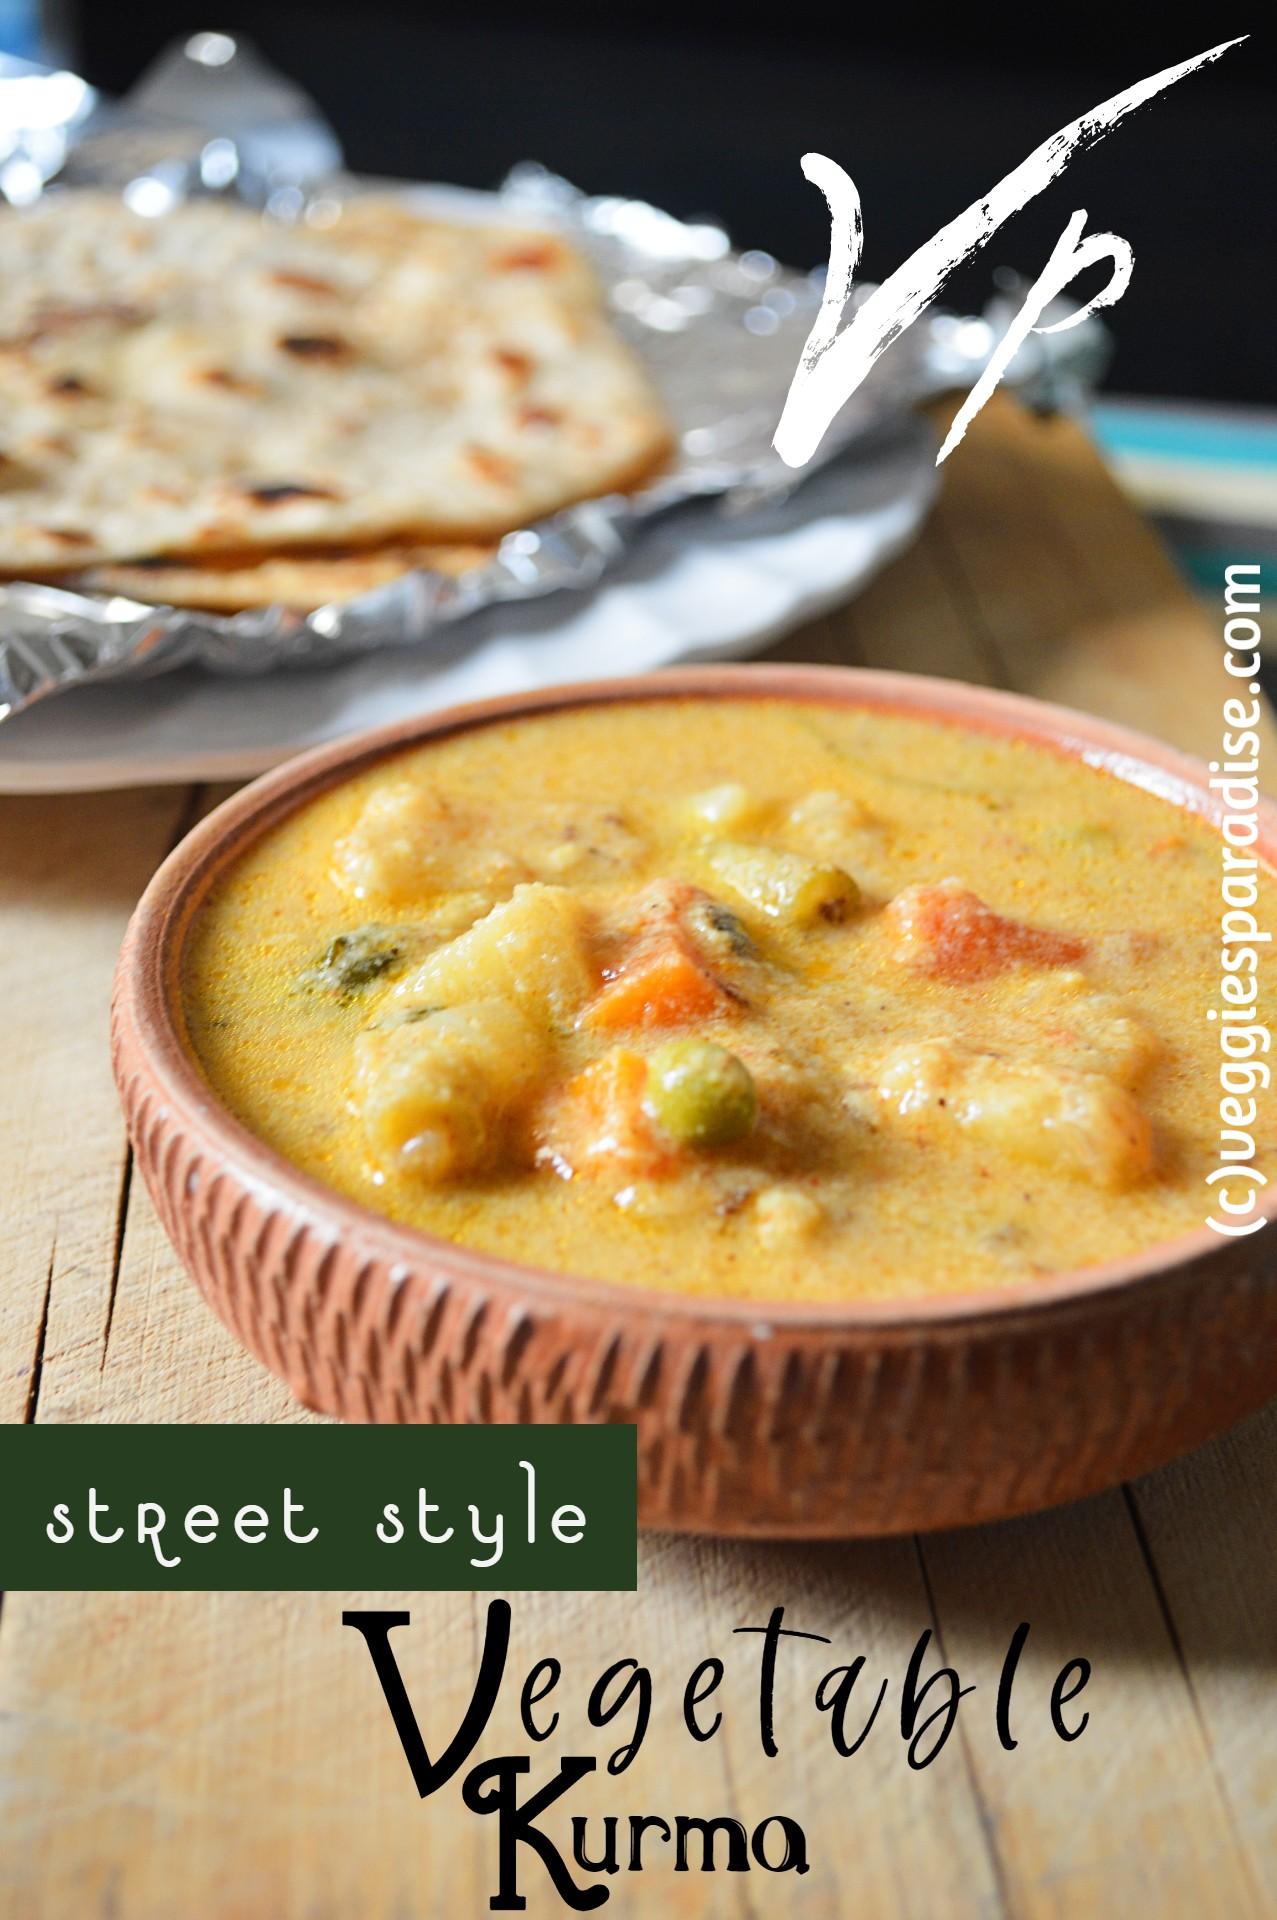 vegetable kurma